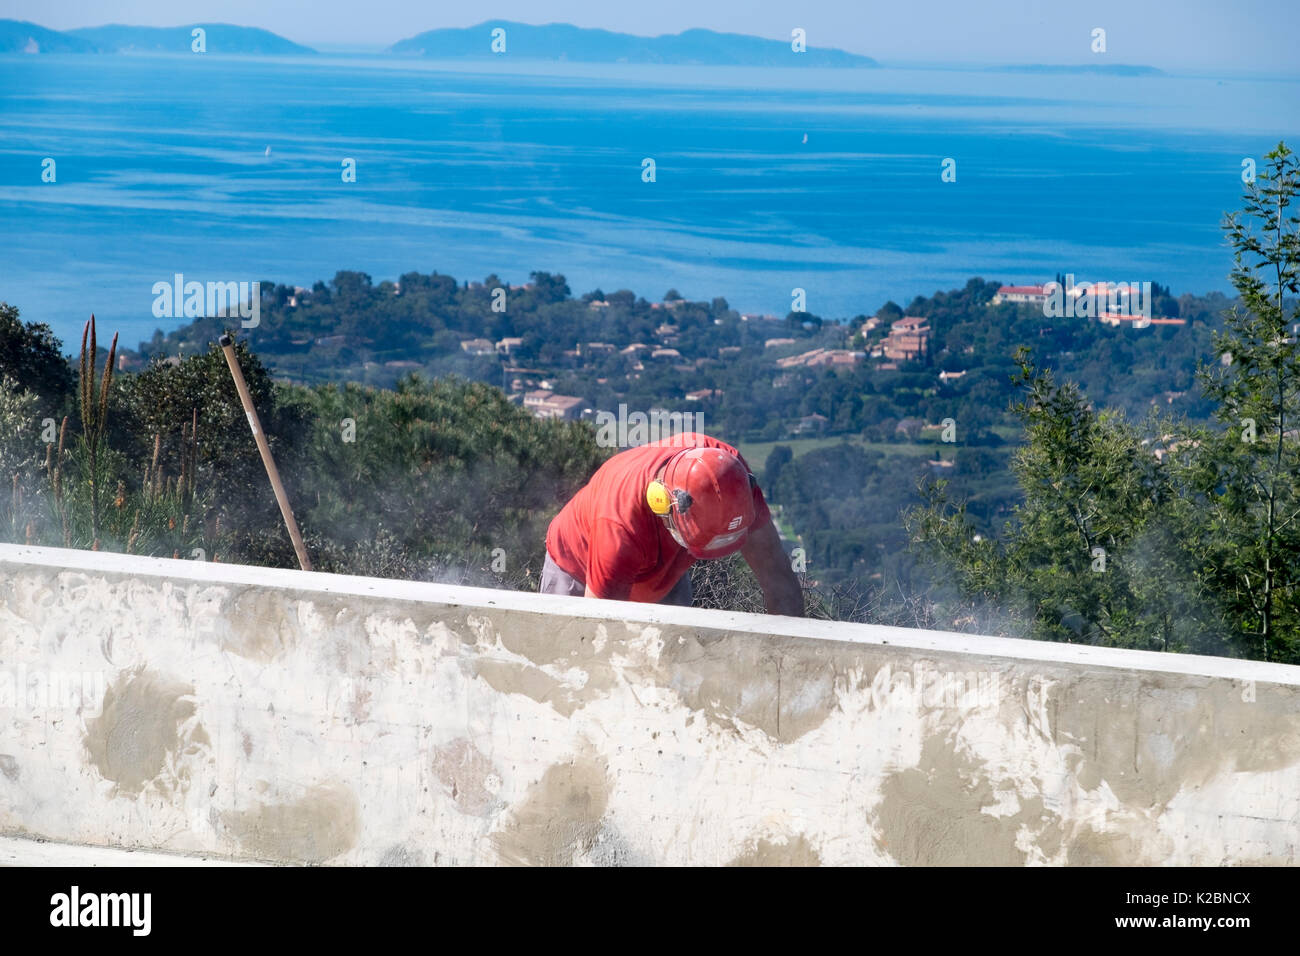 Bau arbeiter arbeitet auf die Details der Aufbau eines Pool Stockbild